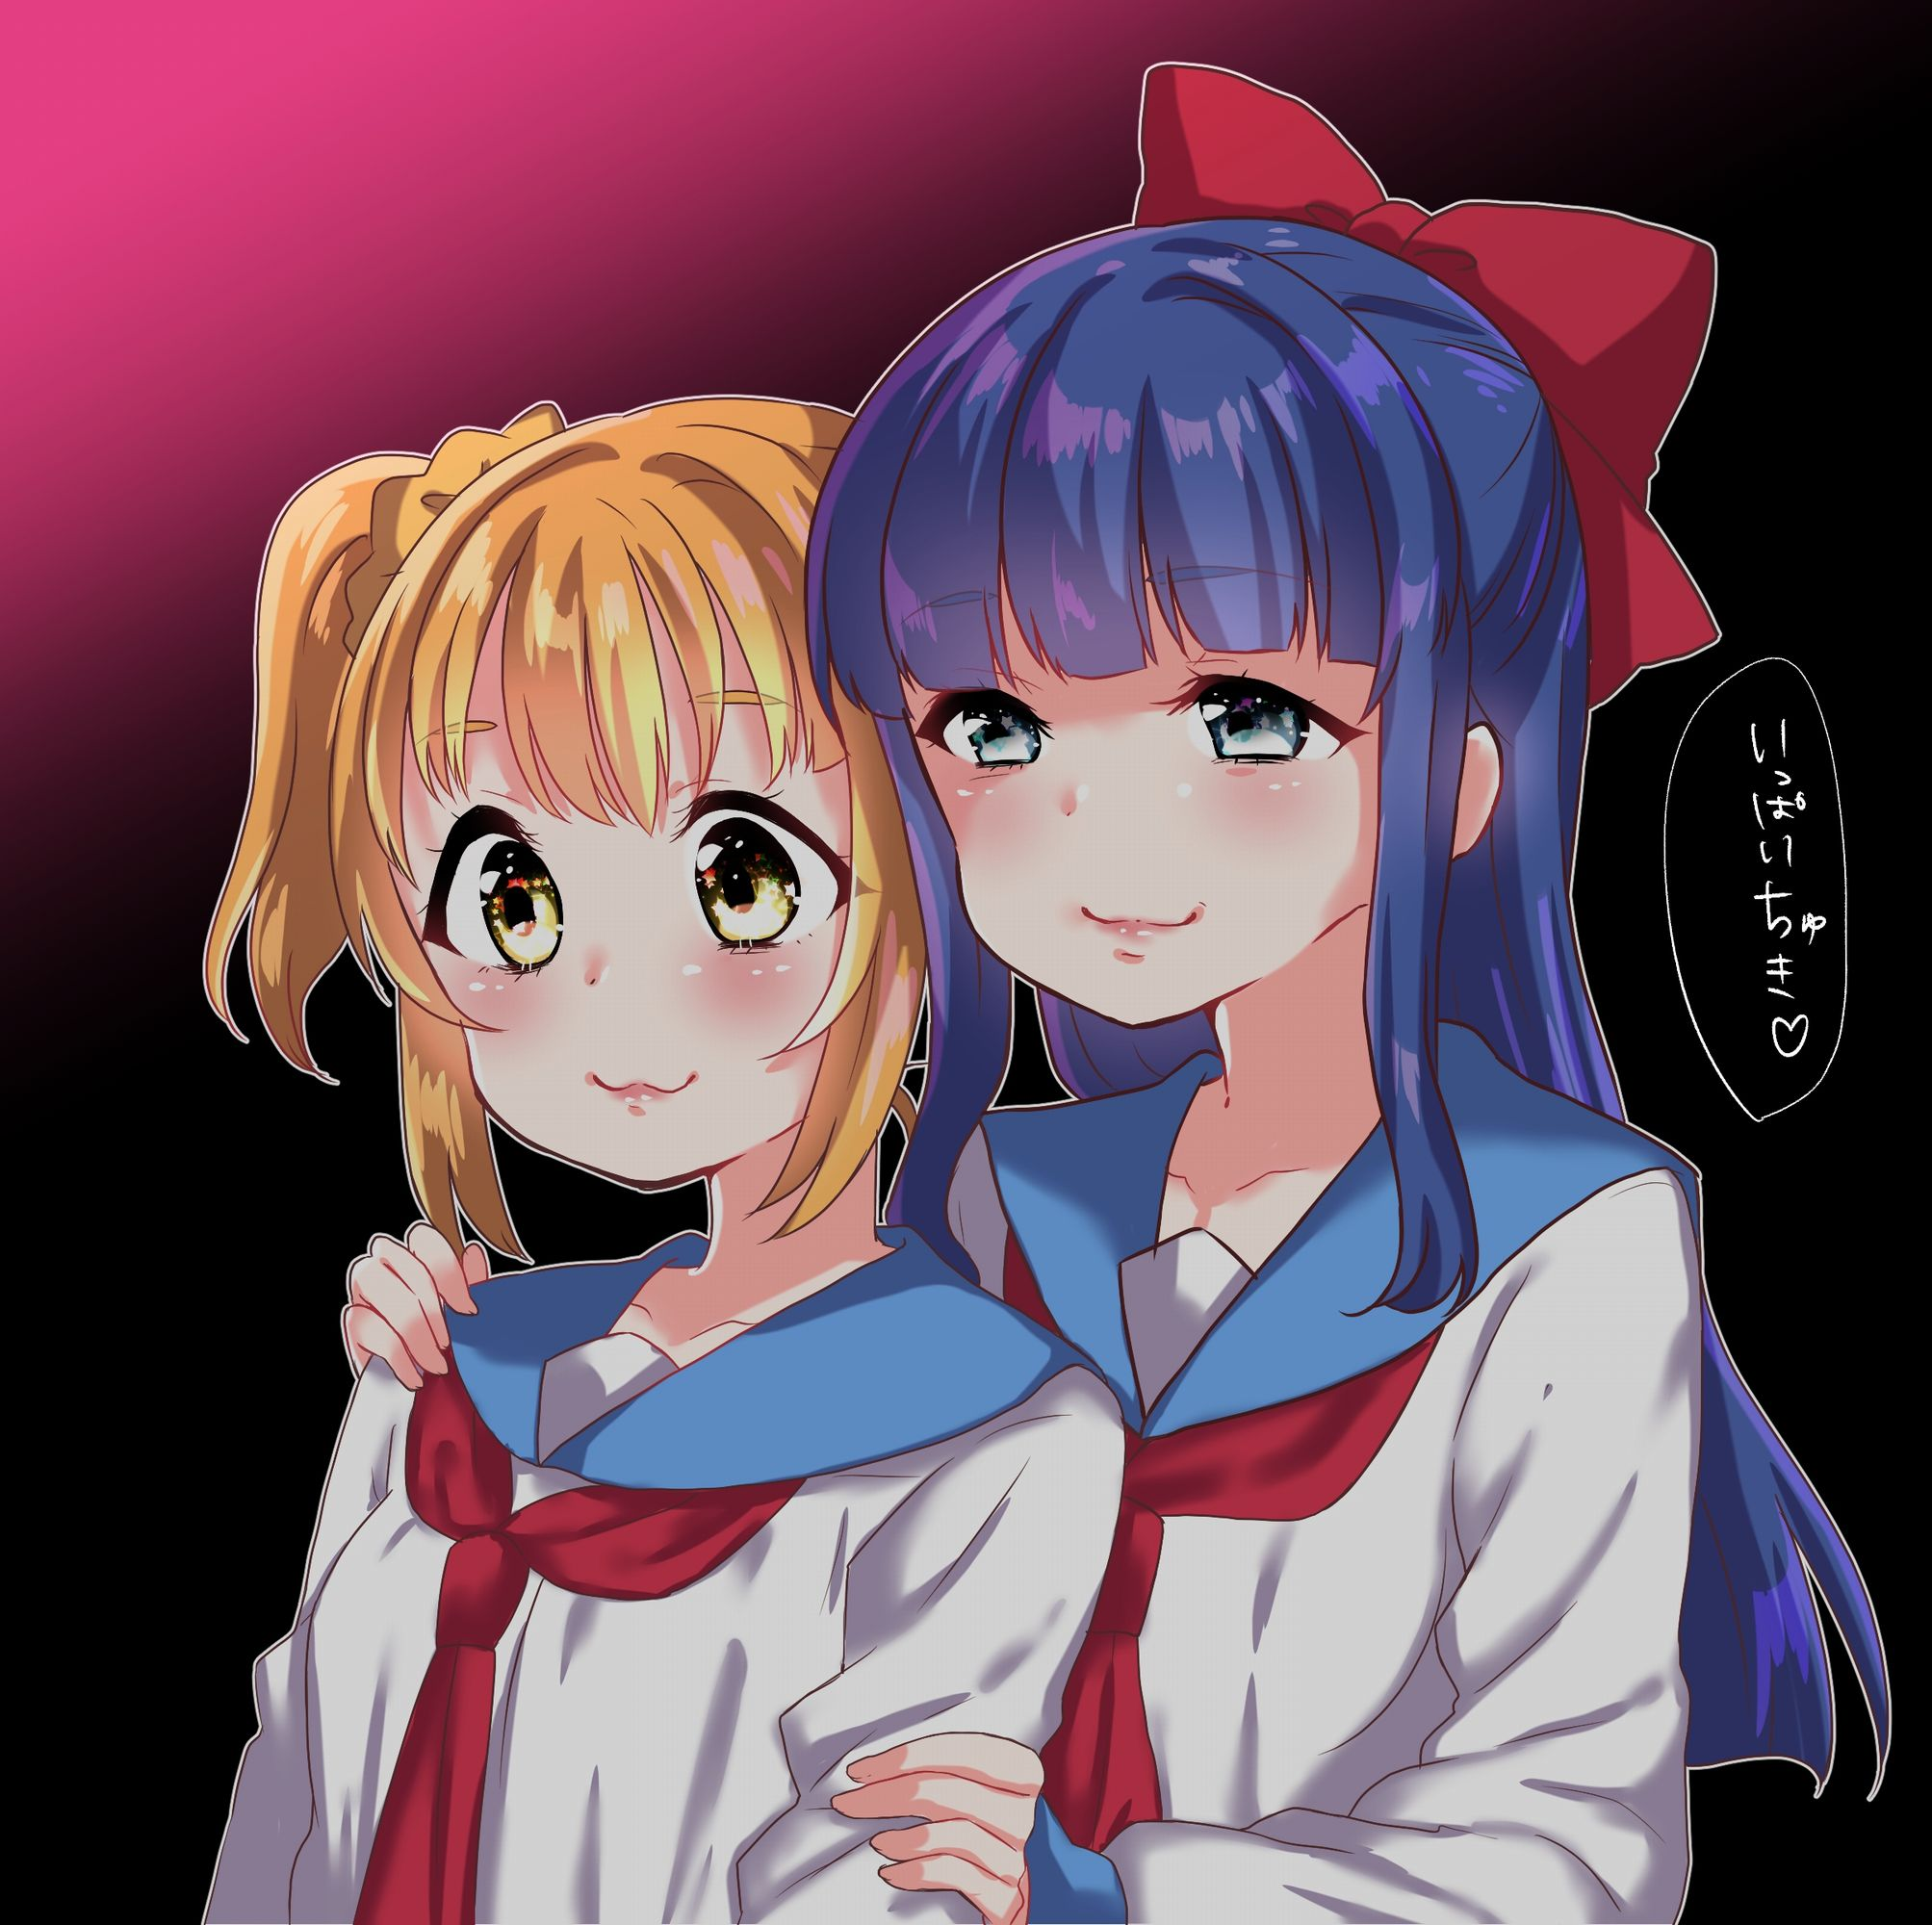 やれる子 エロアニメ 02